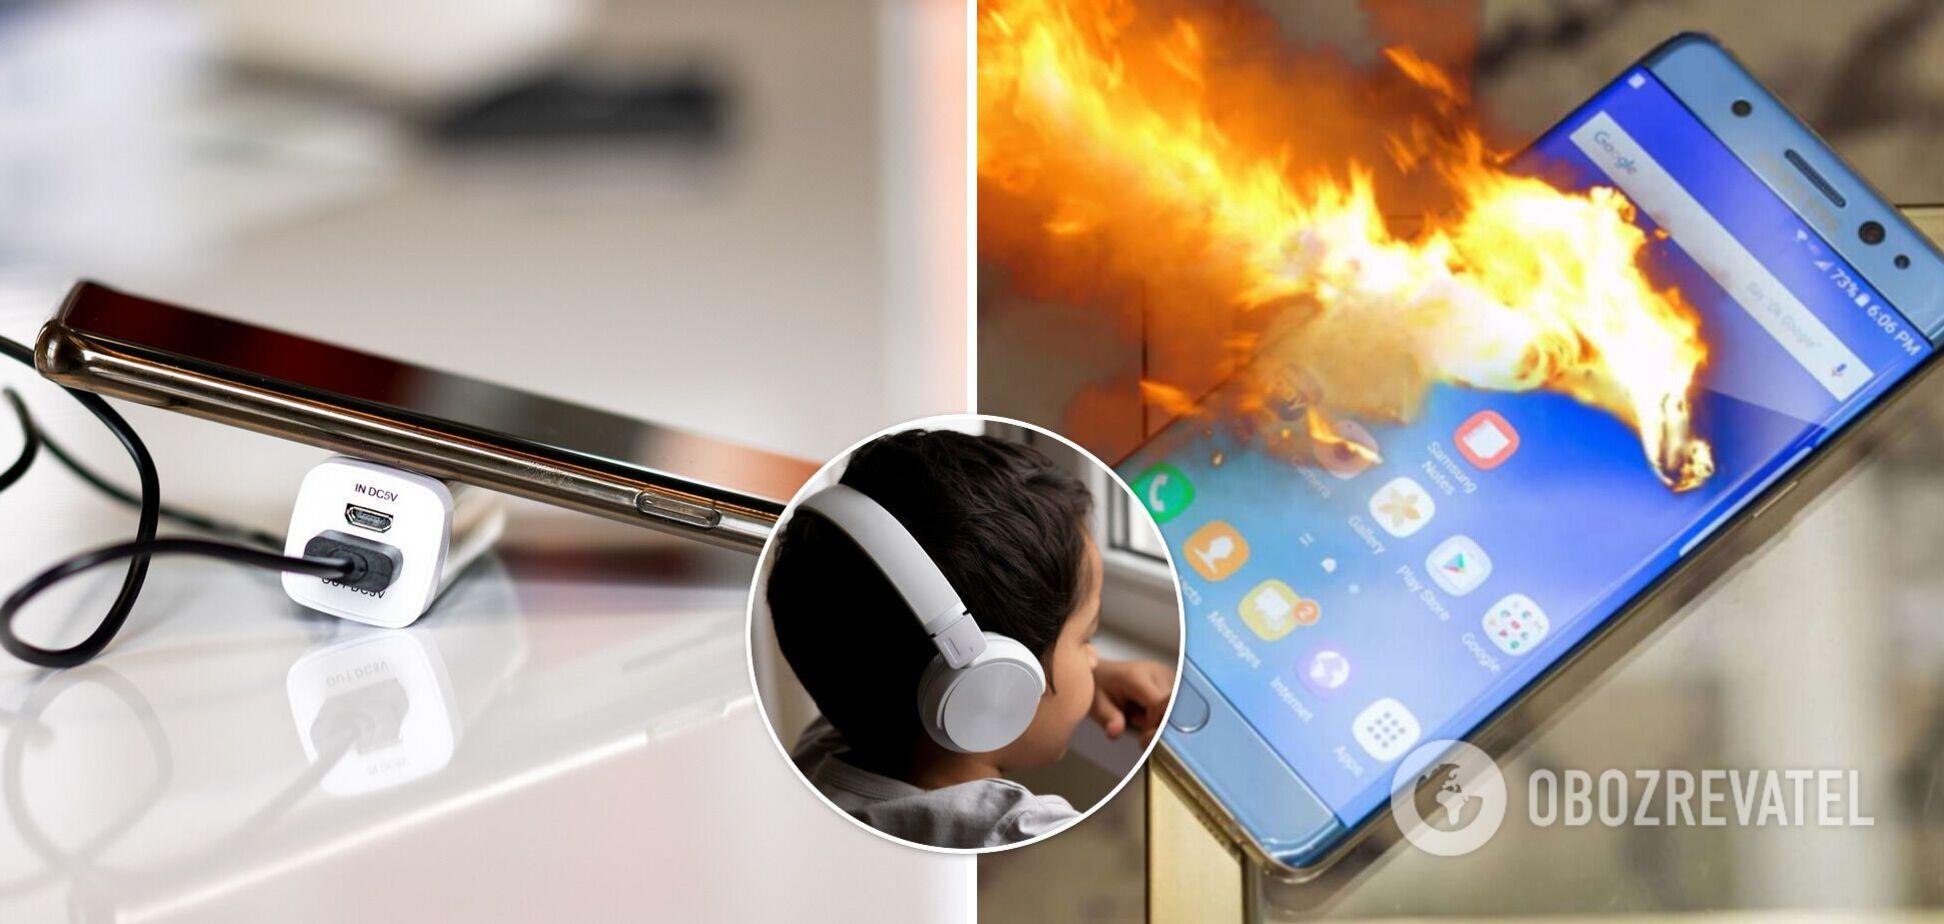 У мальчика был онлайн-урок, когда взорвался смартфон. Иллюстрация